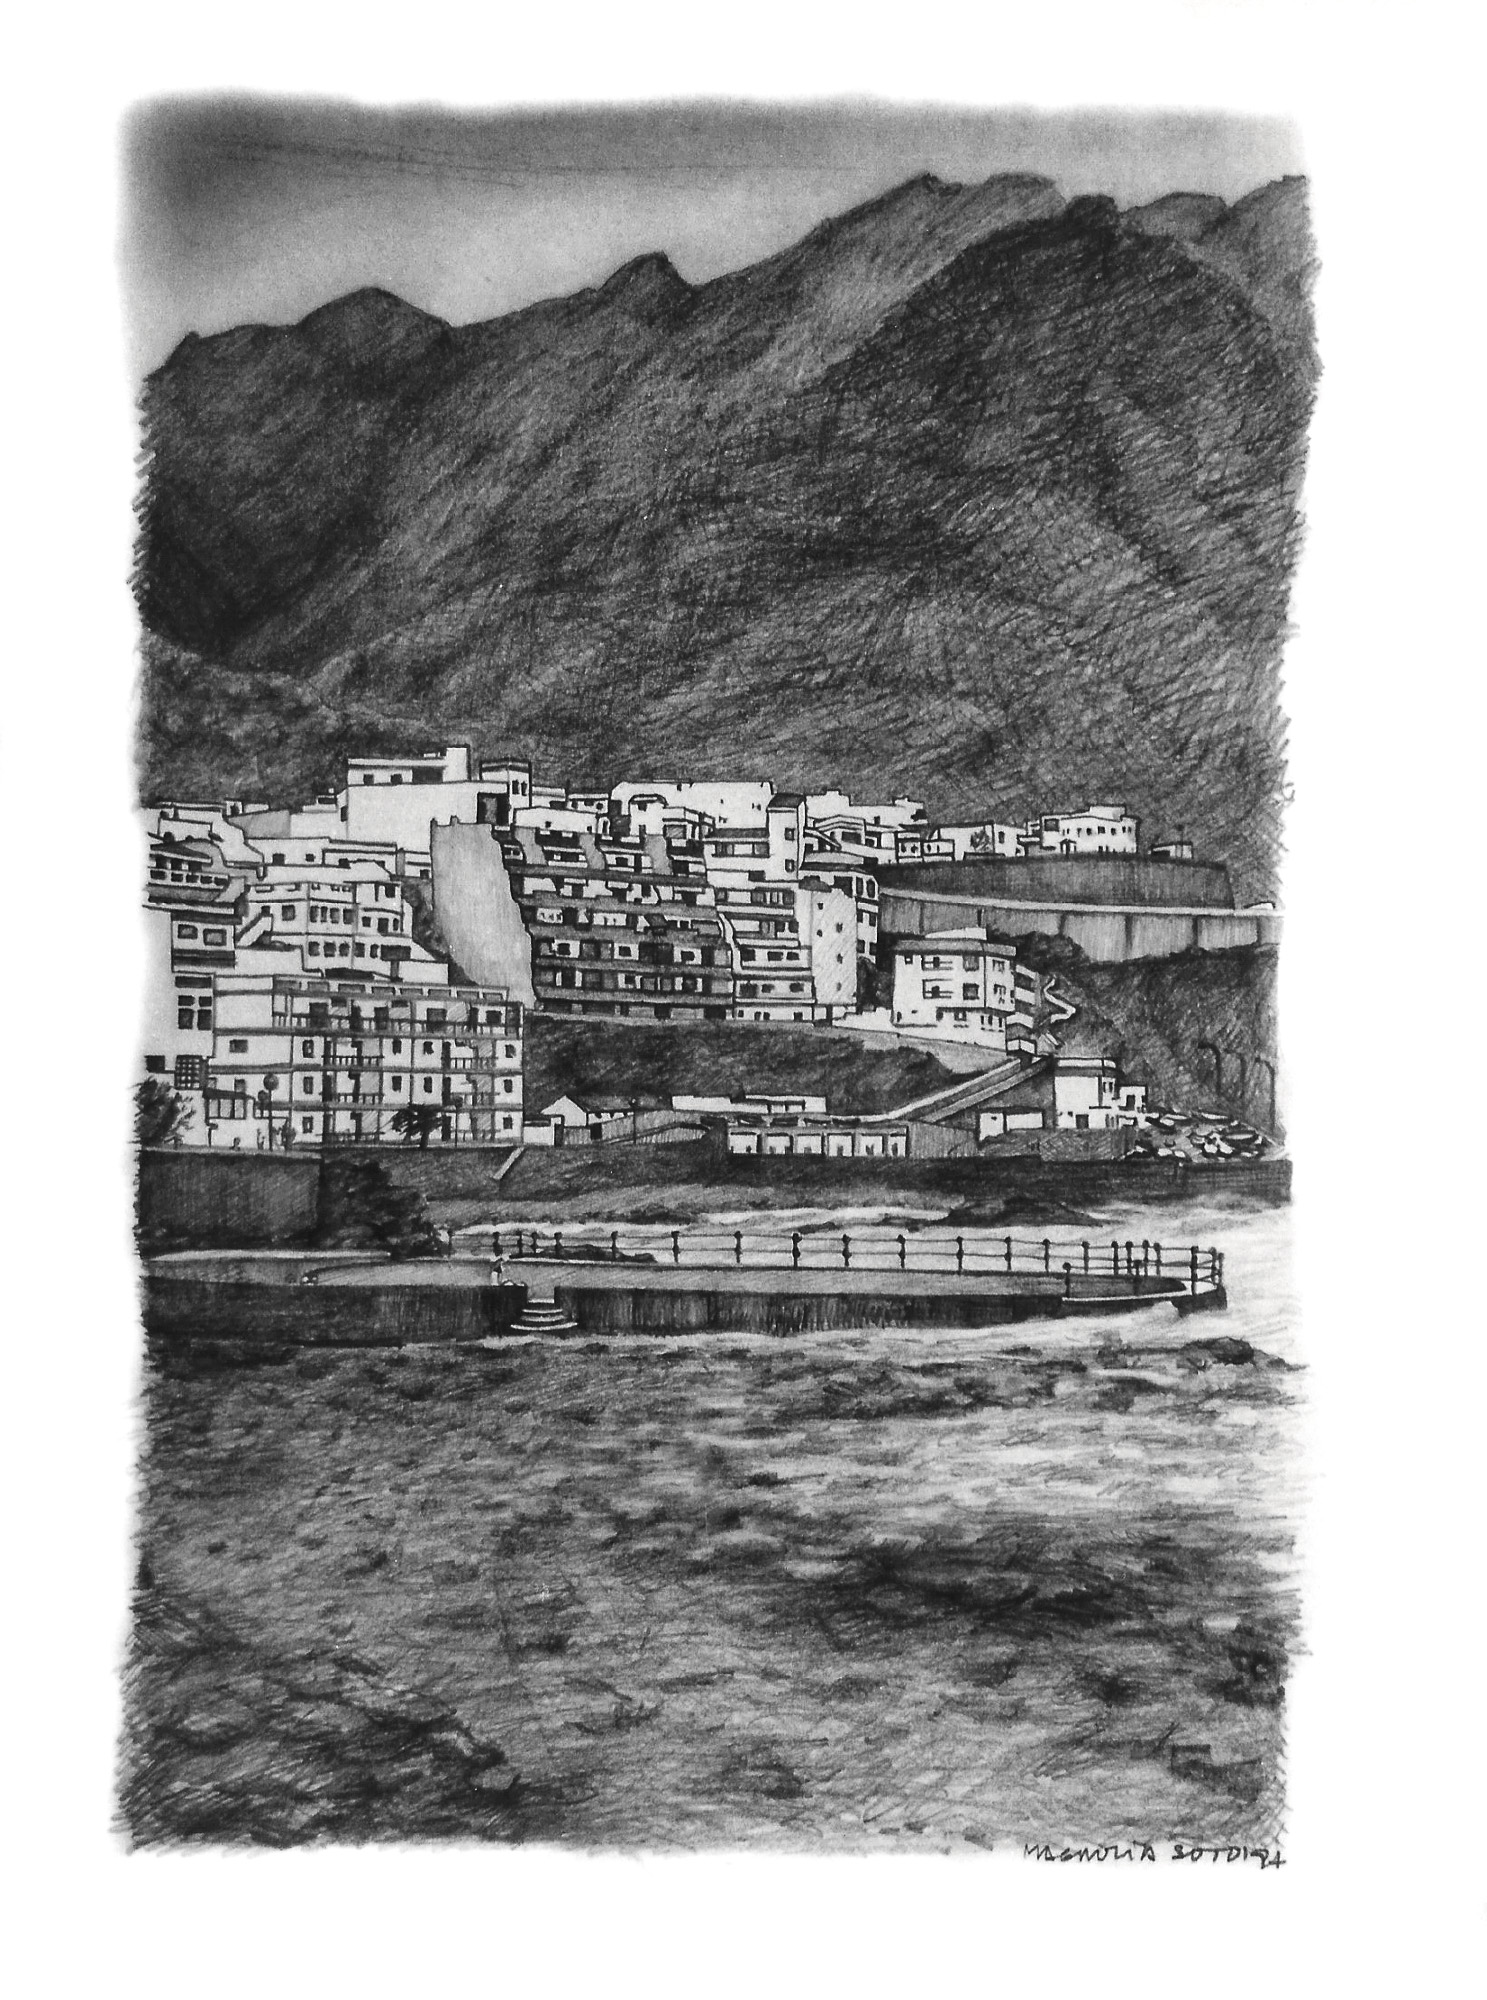 Magnolia Soto. Paisaje Canario 11. Grafito sobre papel. 37X27cm. 1997